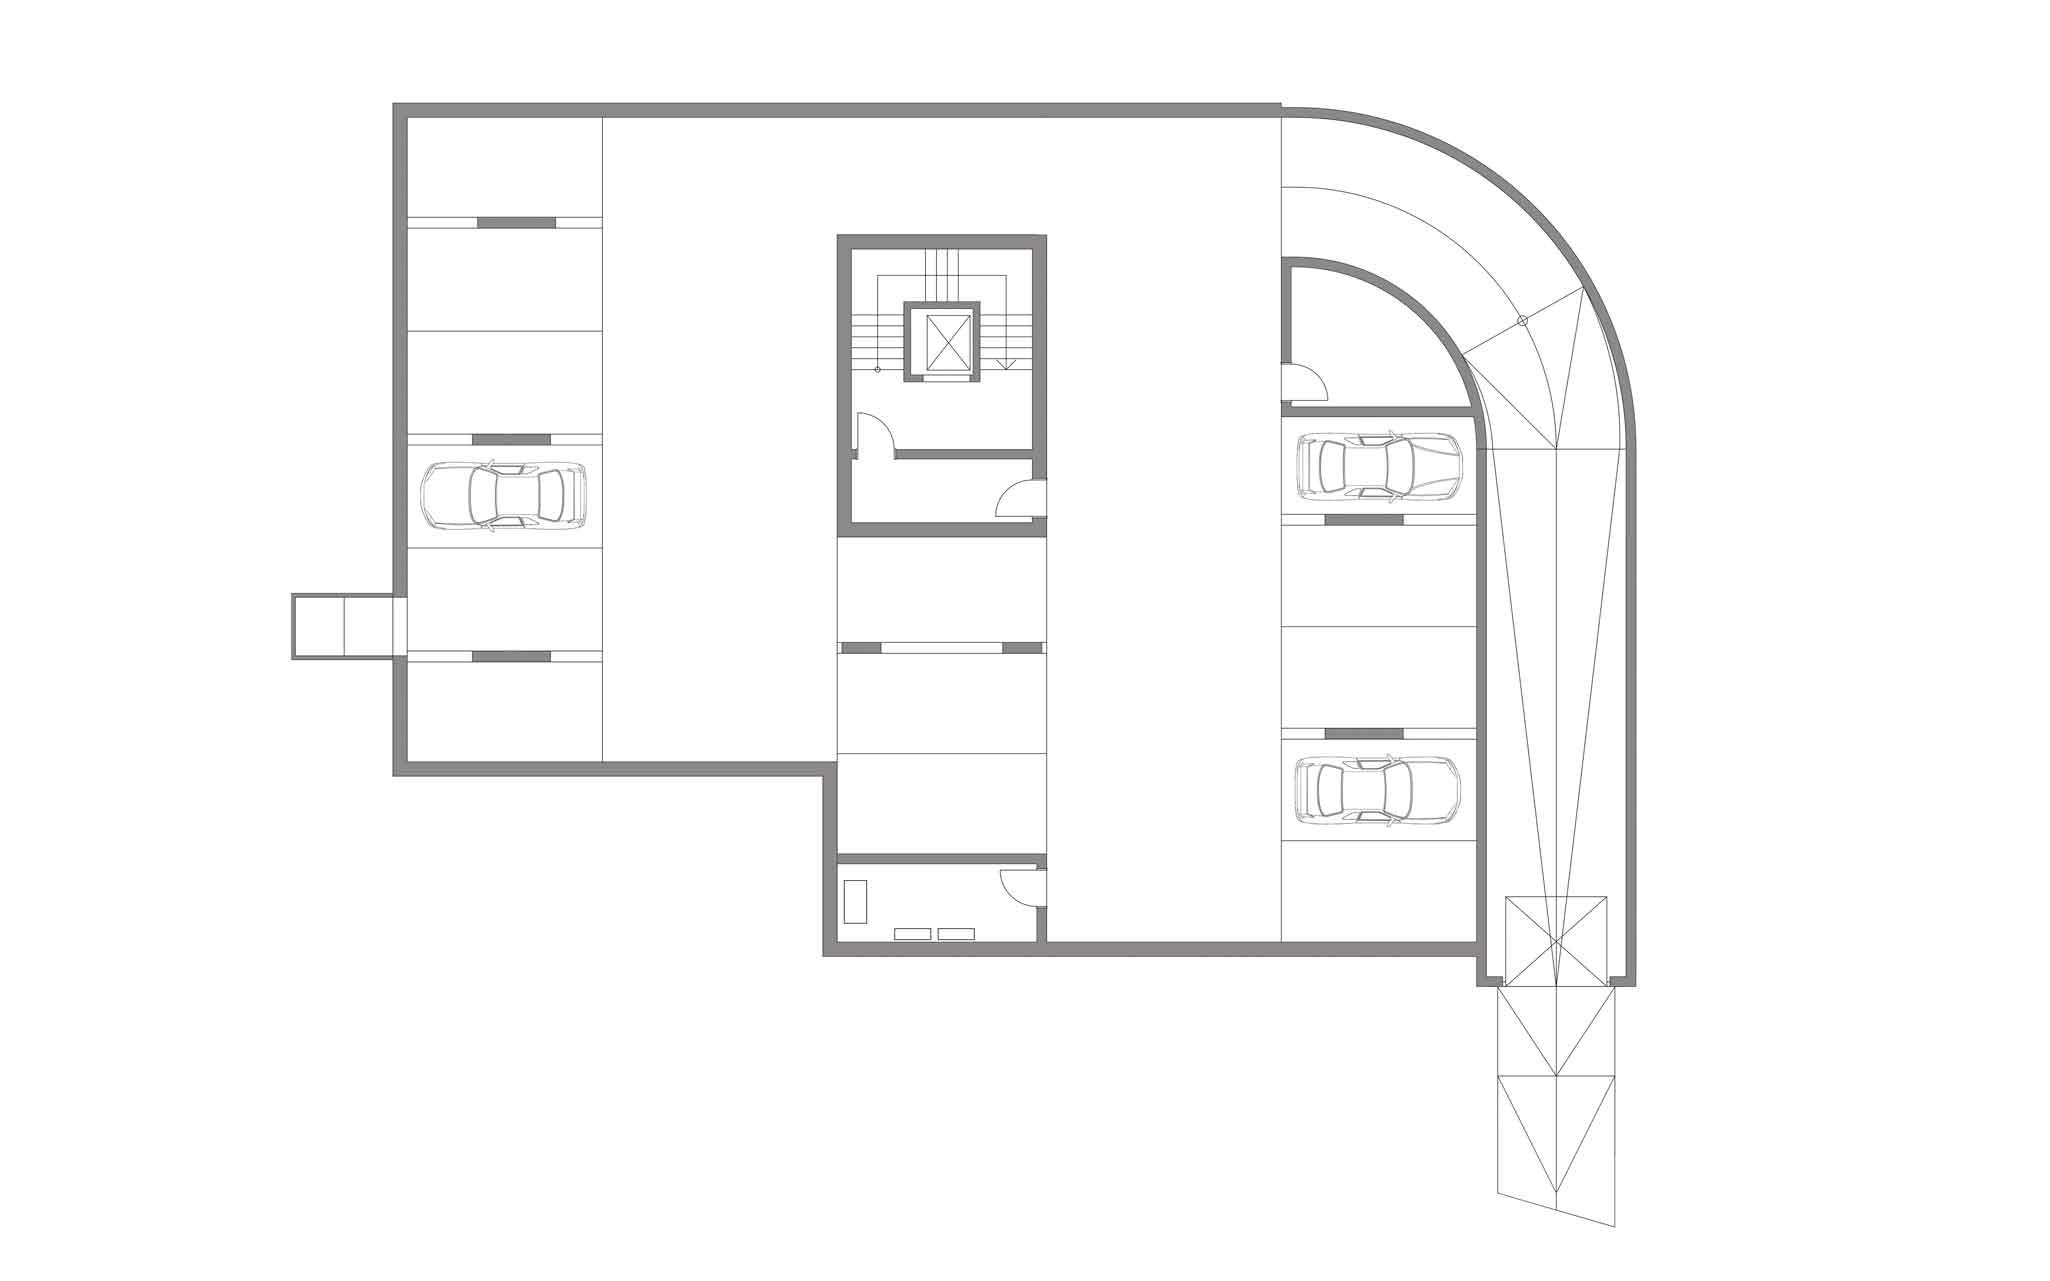 TG / Kellergeschoss